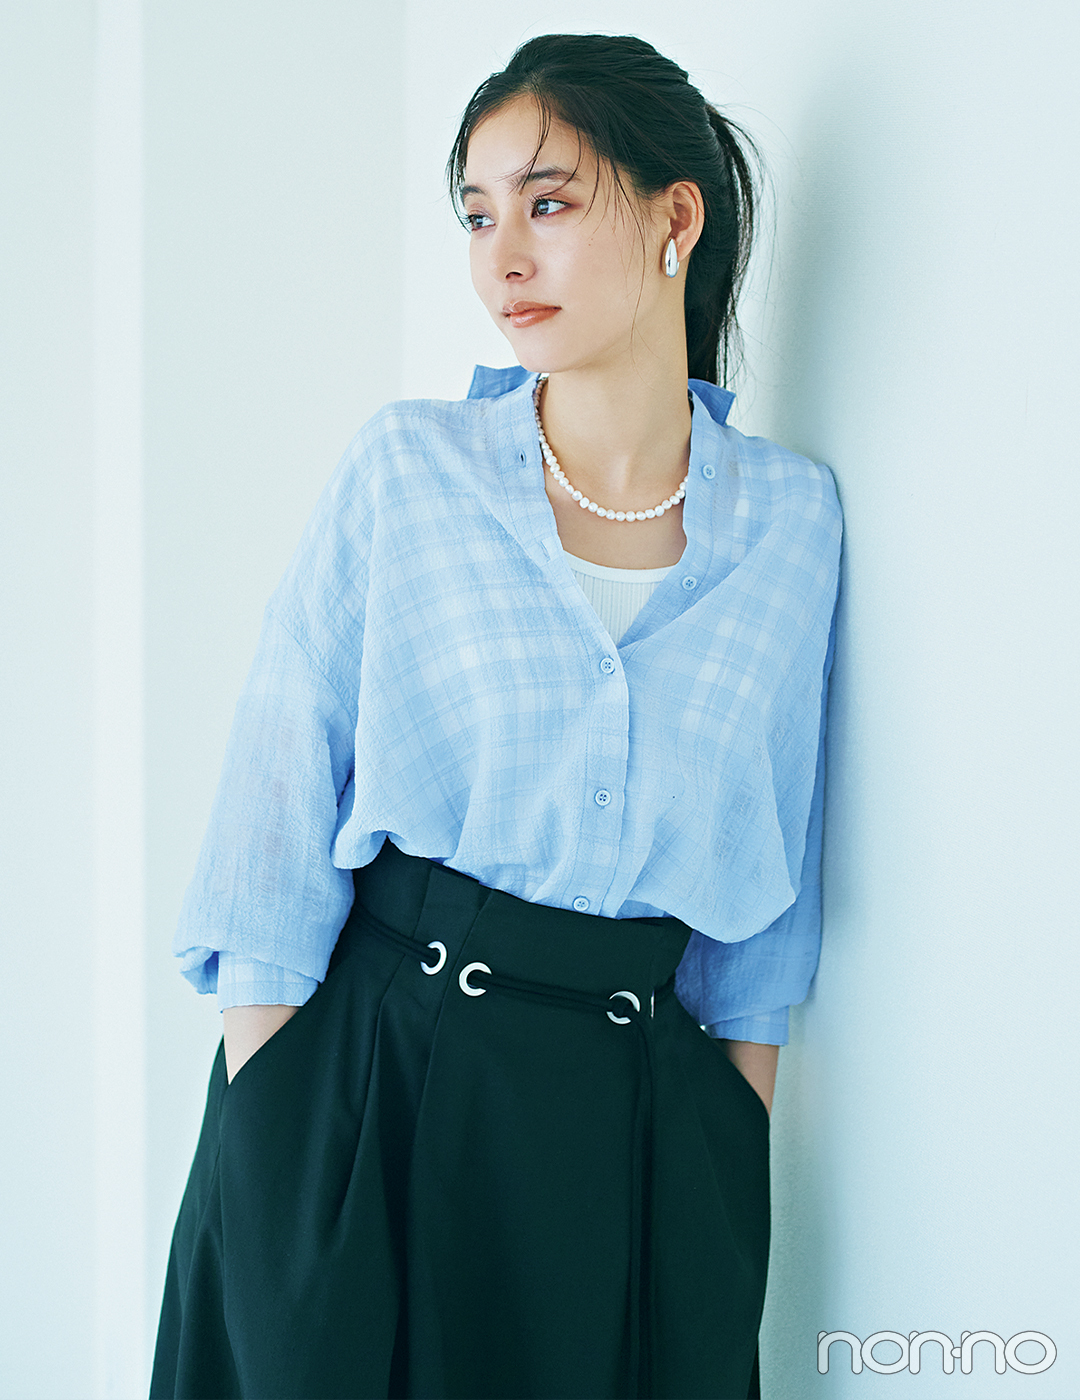 新木優子はあいまい配色のギンガムチェックで大人の甘さを満喫【大学生の毎日コーデ】